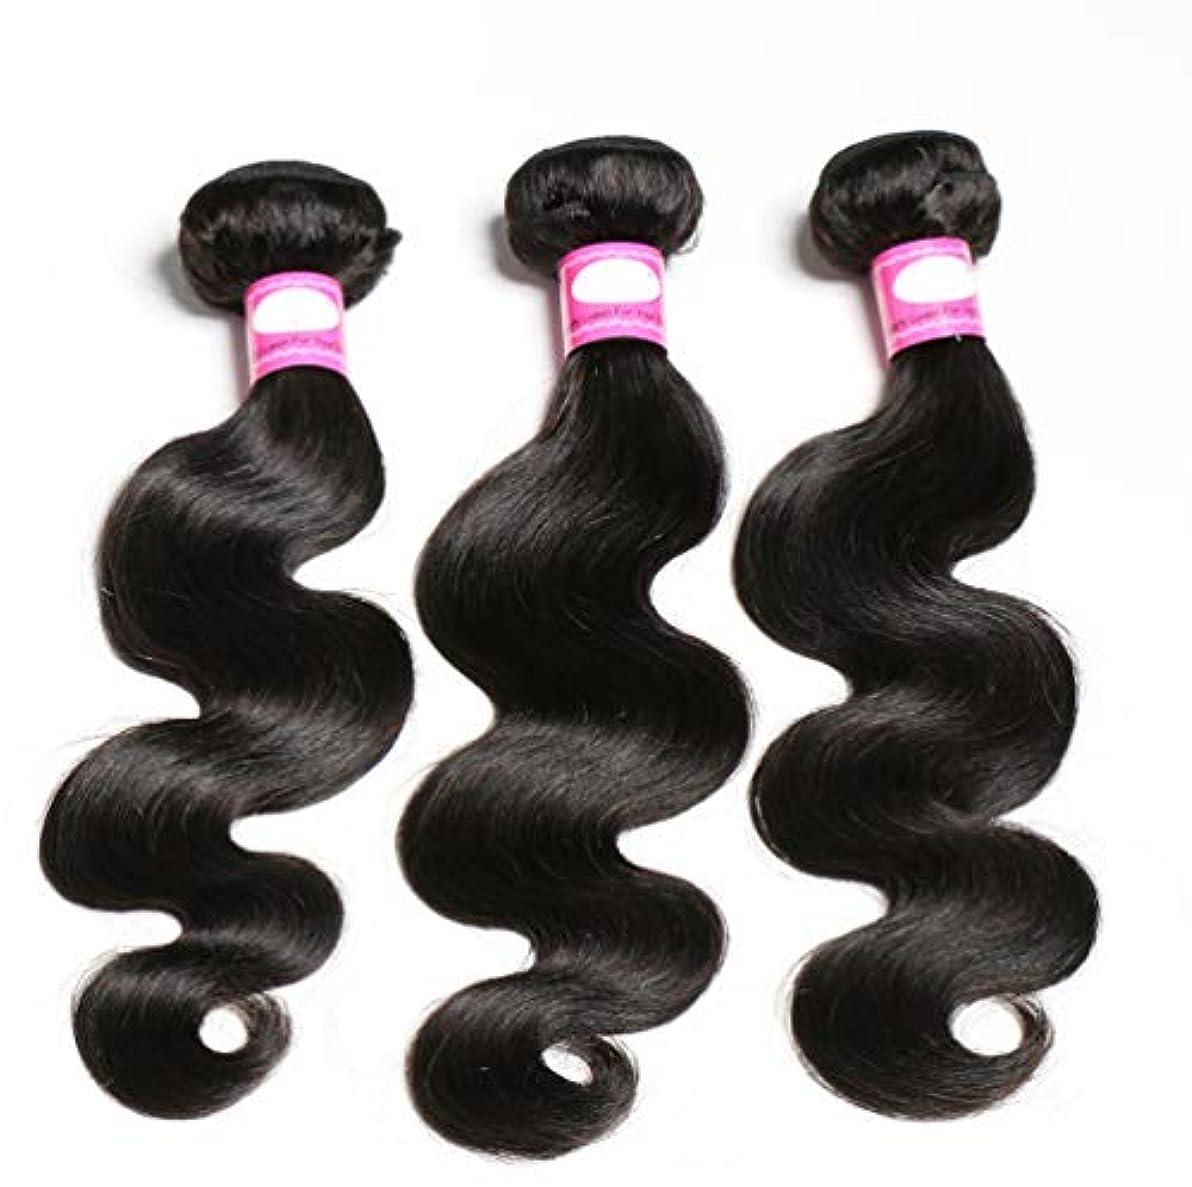 キャラクター具体的に広々としたブラジルの巻き毛の束深い波の束100%ブラジルのレミーの巻き毛の人間の毛髪の織り方ブラジルの毛の束(3束)